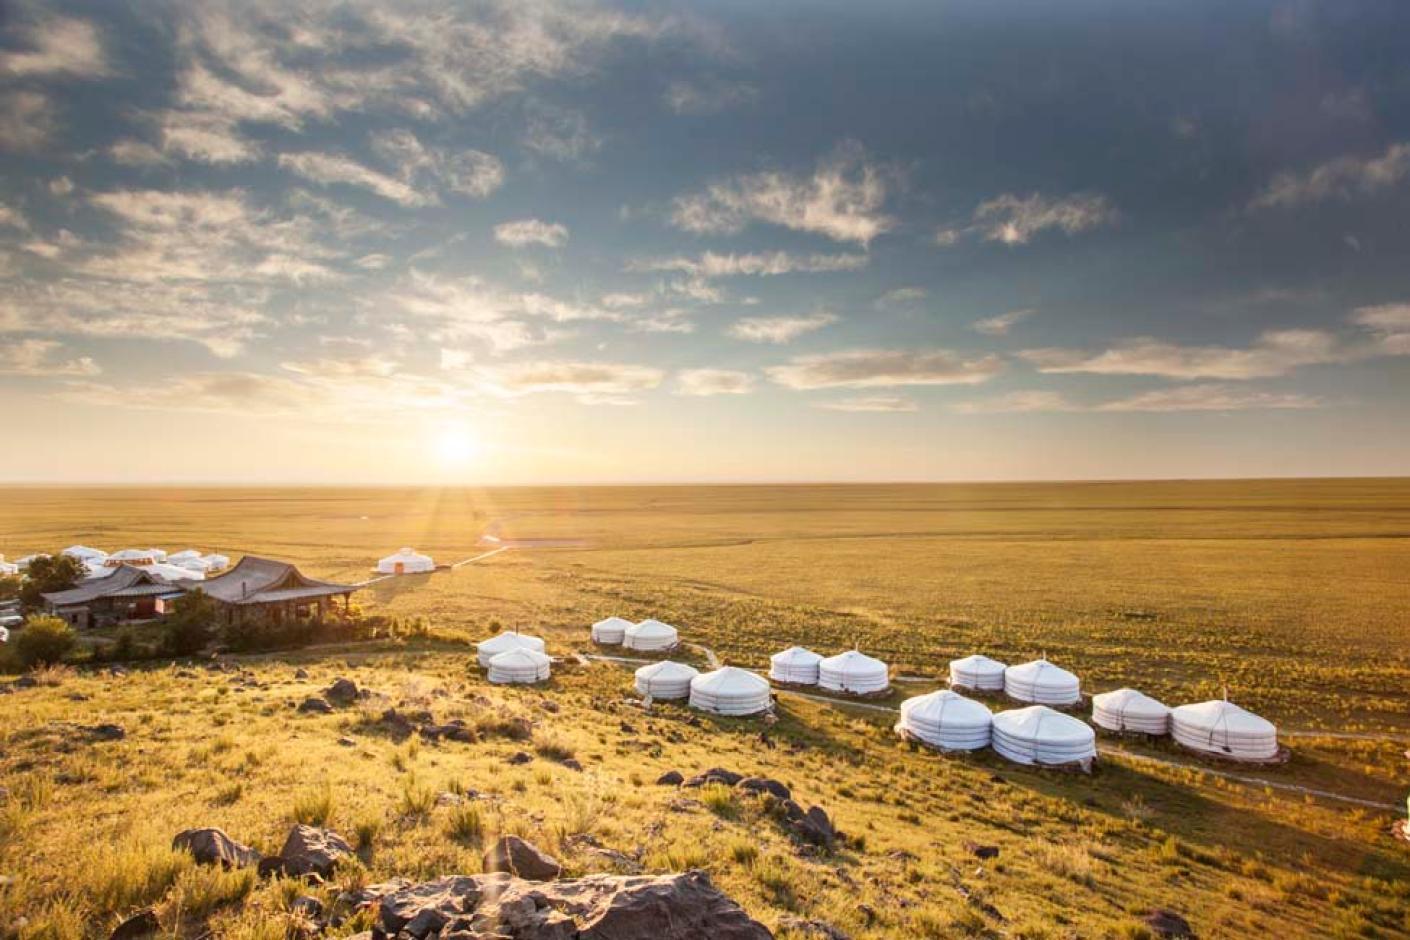 Exterior at Three Camel Lodge Mongolia